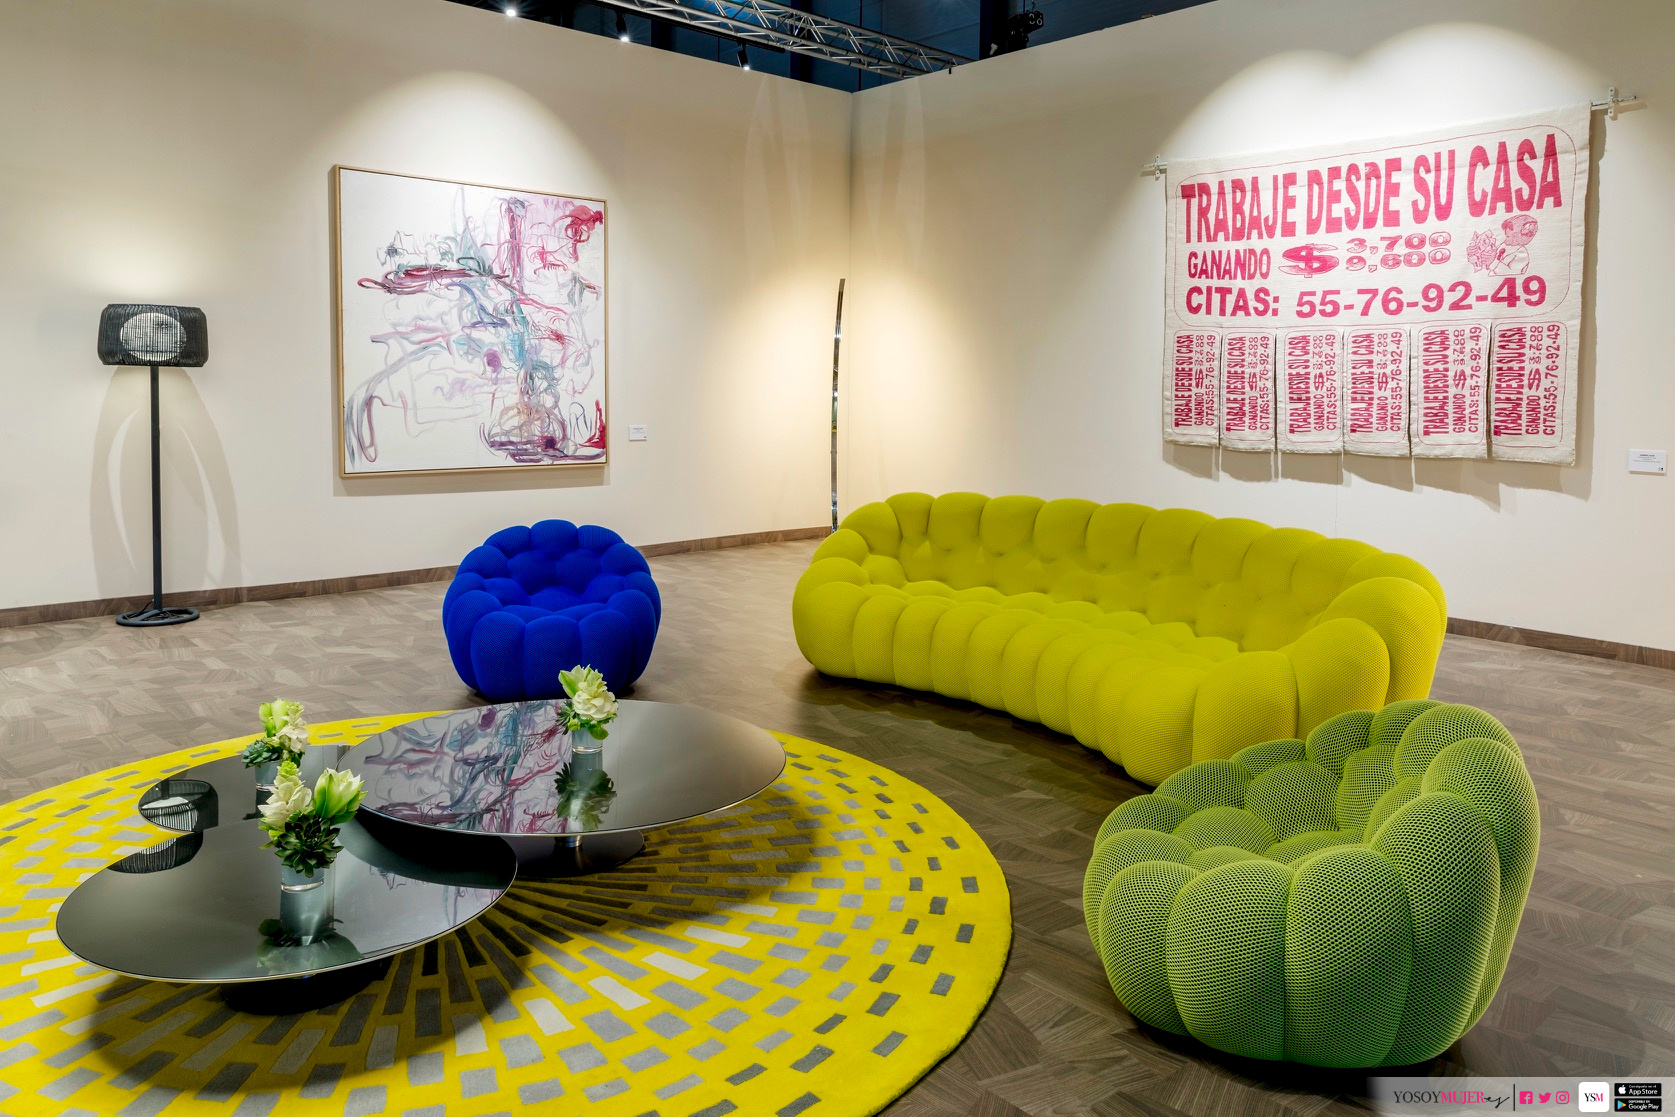 Design by Estudio Alegría at the Sala Fundación Arco in 2018